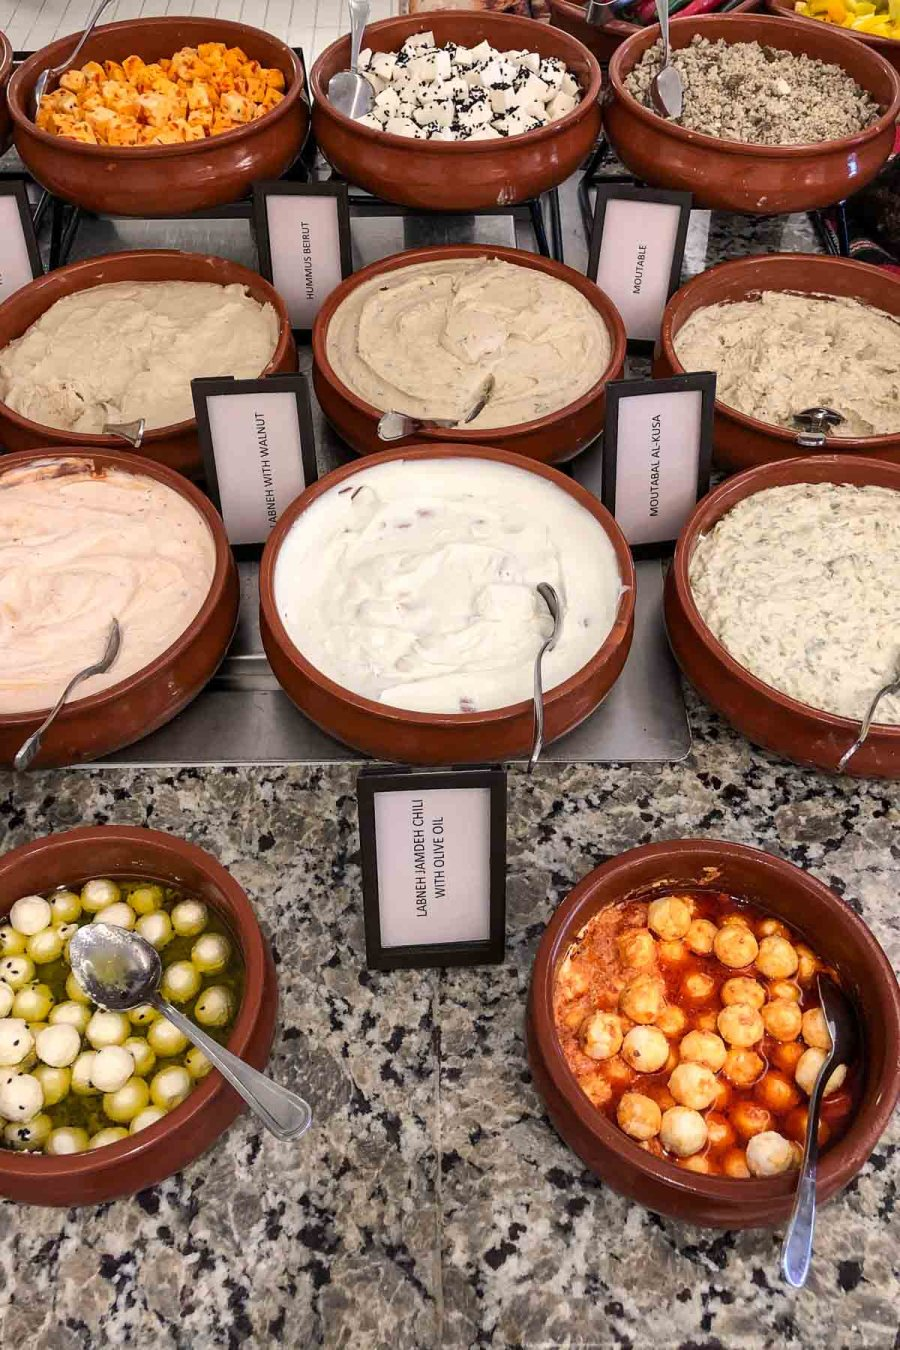 Breakfast spread at the Hilton Dead Sea Resort & Spa